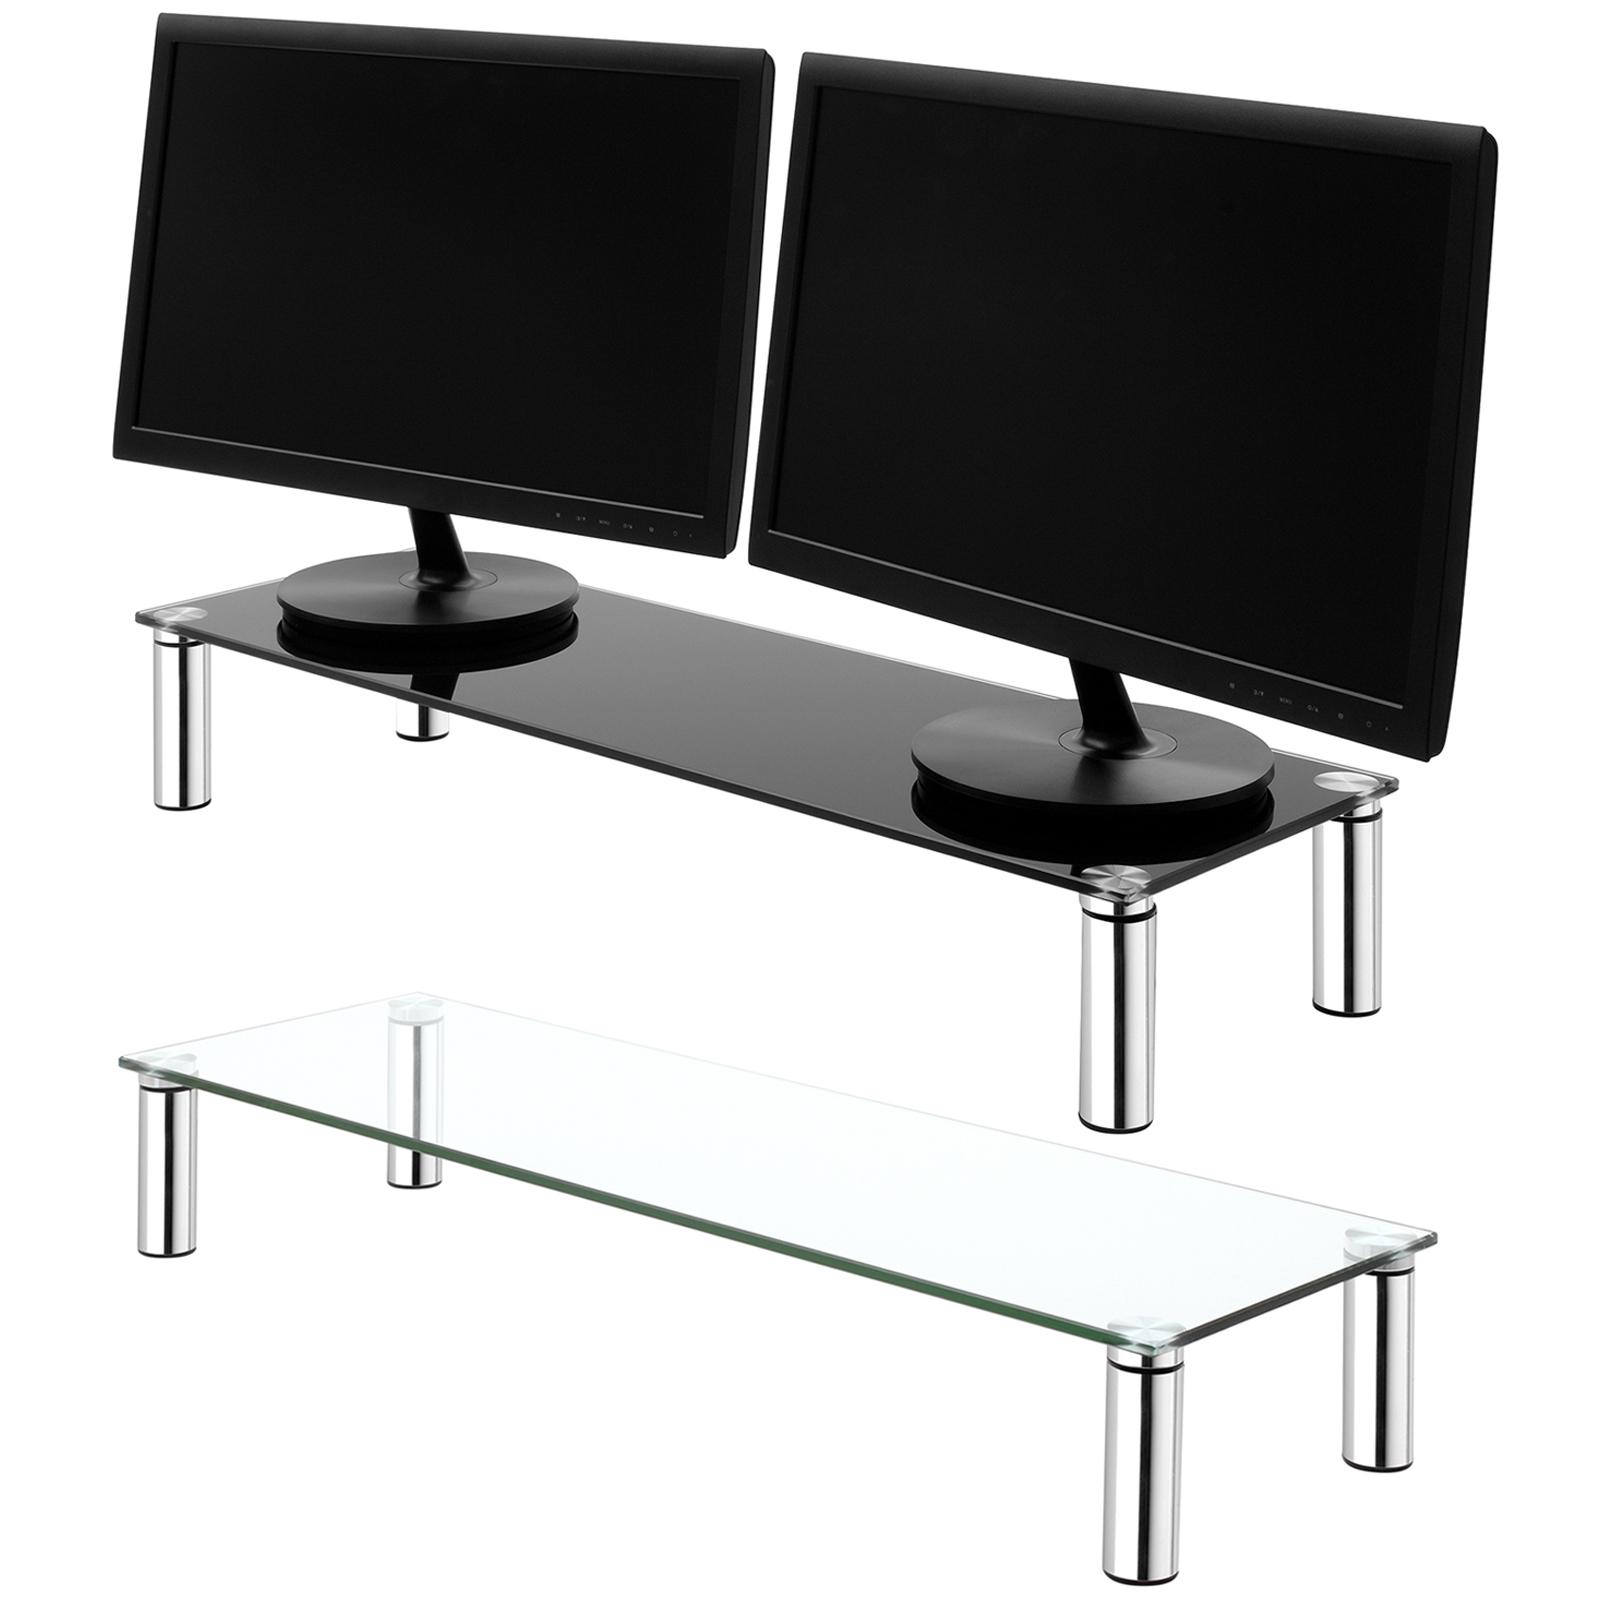 Grand Double Moniteur//écran de montage Tube étagère Ordinateur//iMac TV Stand PS4//Xbox